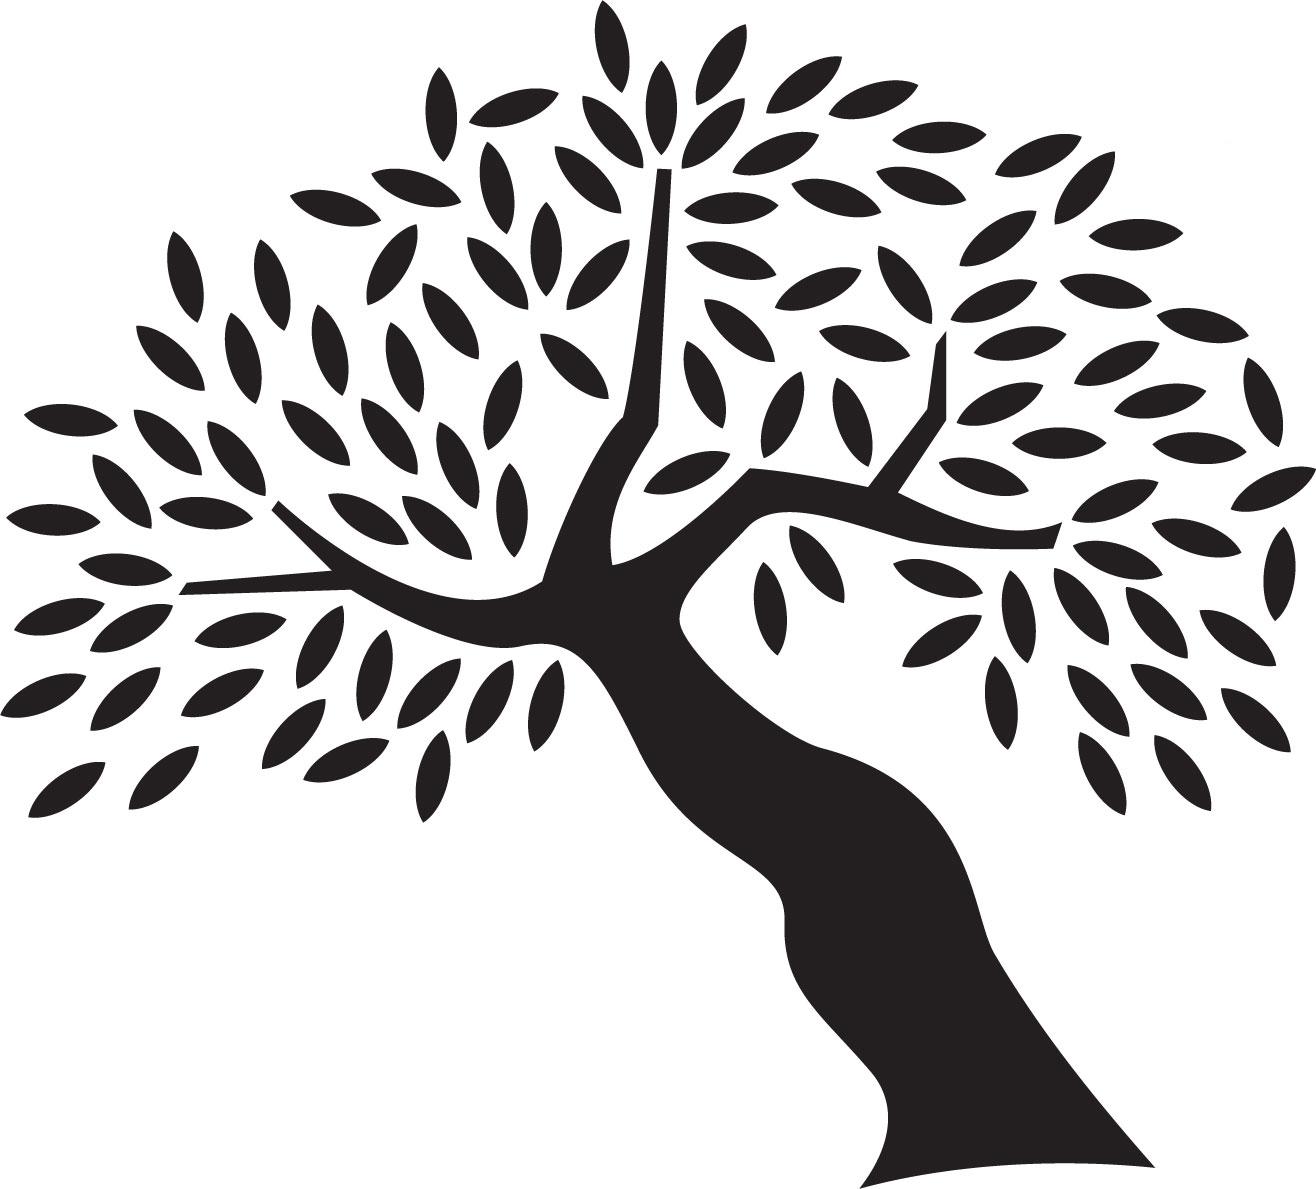 葉っぱや草木のイラスト画像フリー素材白黒no419白黒木枝葉